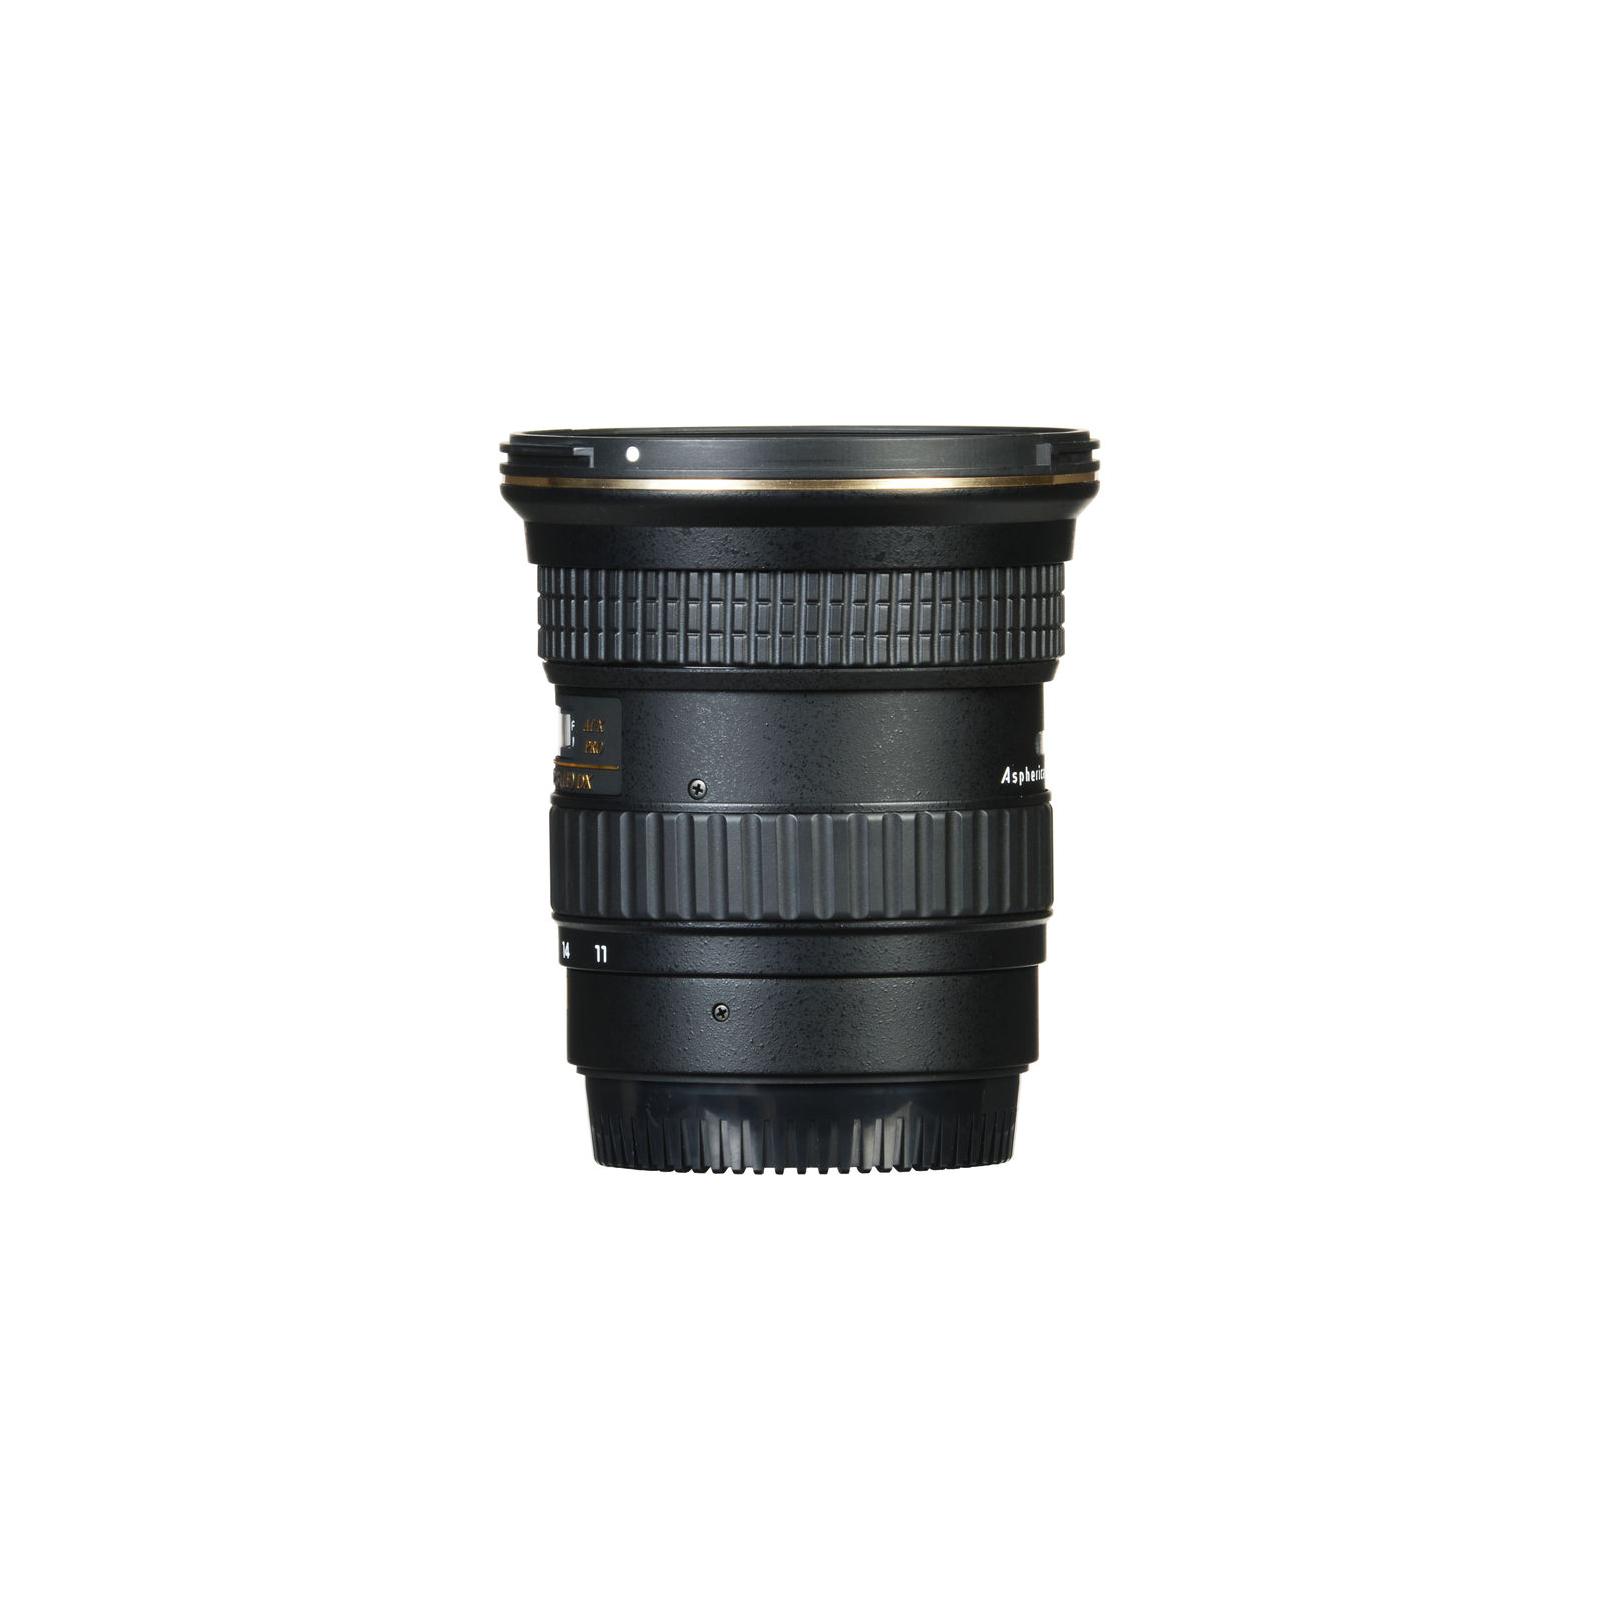 Объектив Tokina AT-X PRO DX 11-20mm f/2.8 (Nikon) (ATXAF120DXN) изображение 3